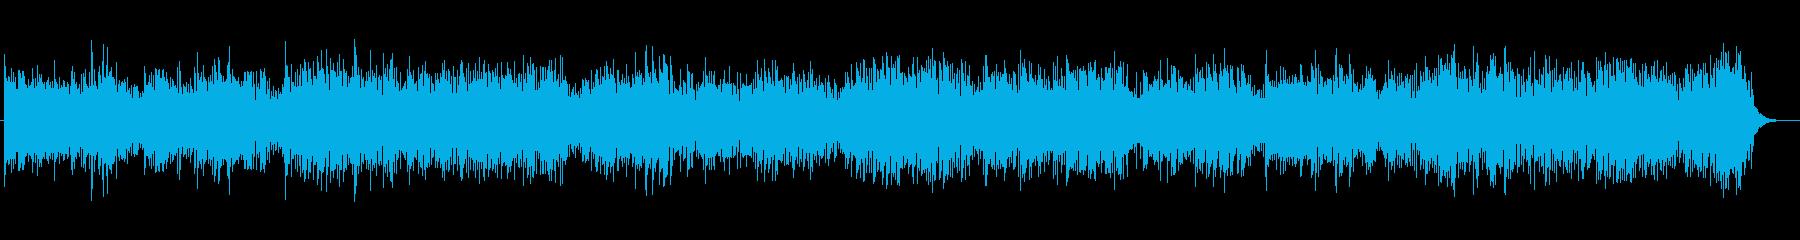 爽やかな疾走感 感動系カントリー生演奏の再生済みの波形